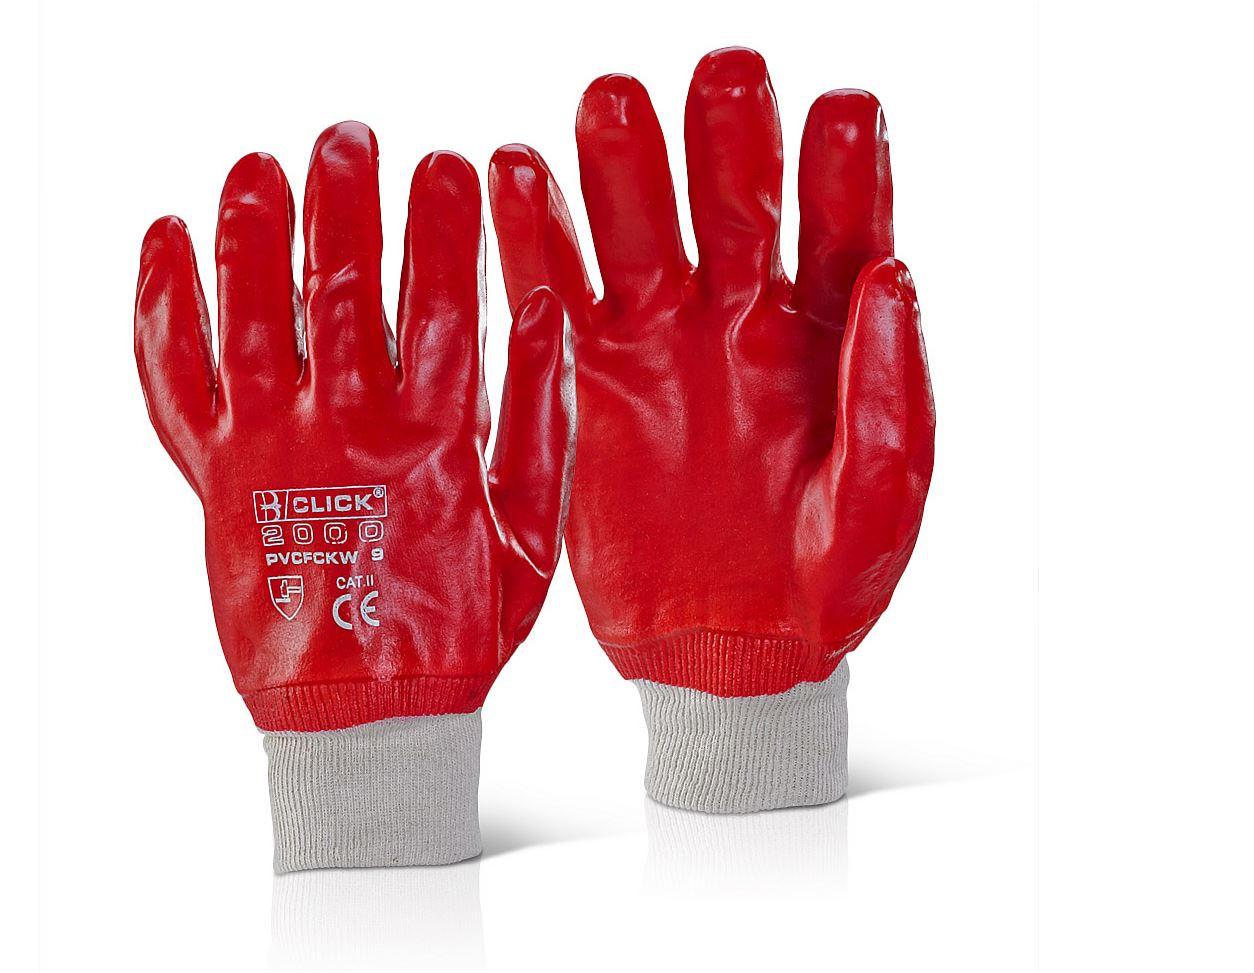 PVC Knitwrist Glove L (Pair)